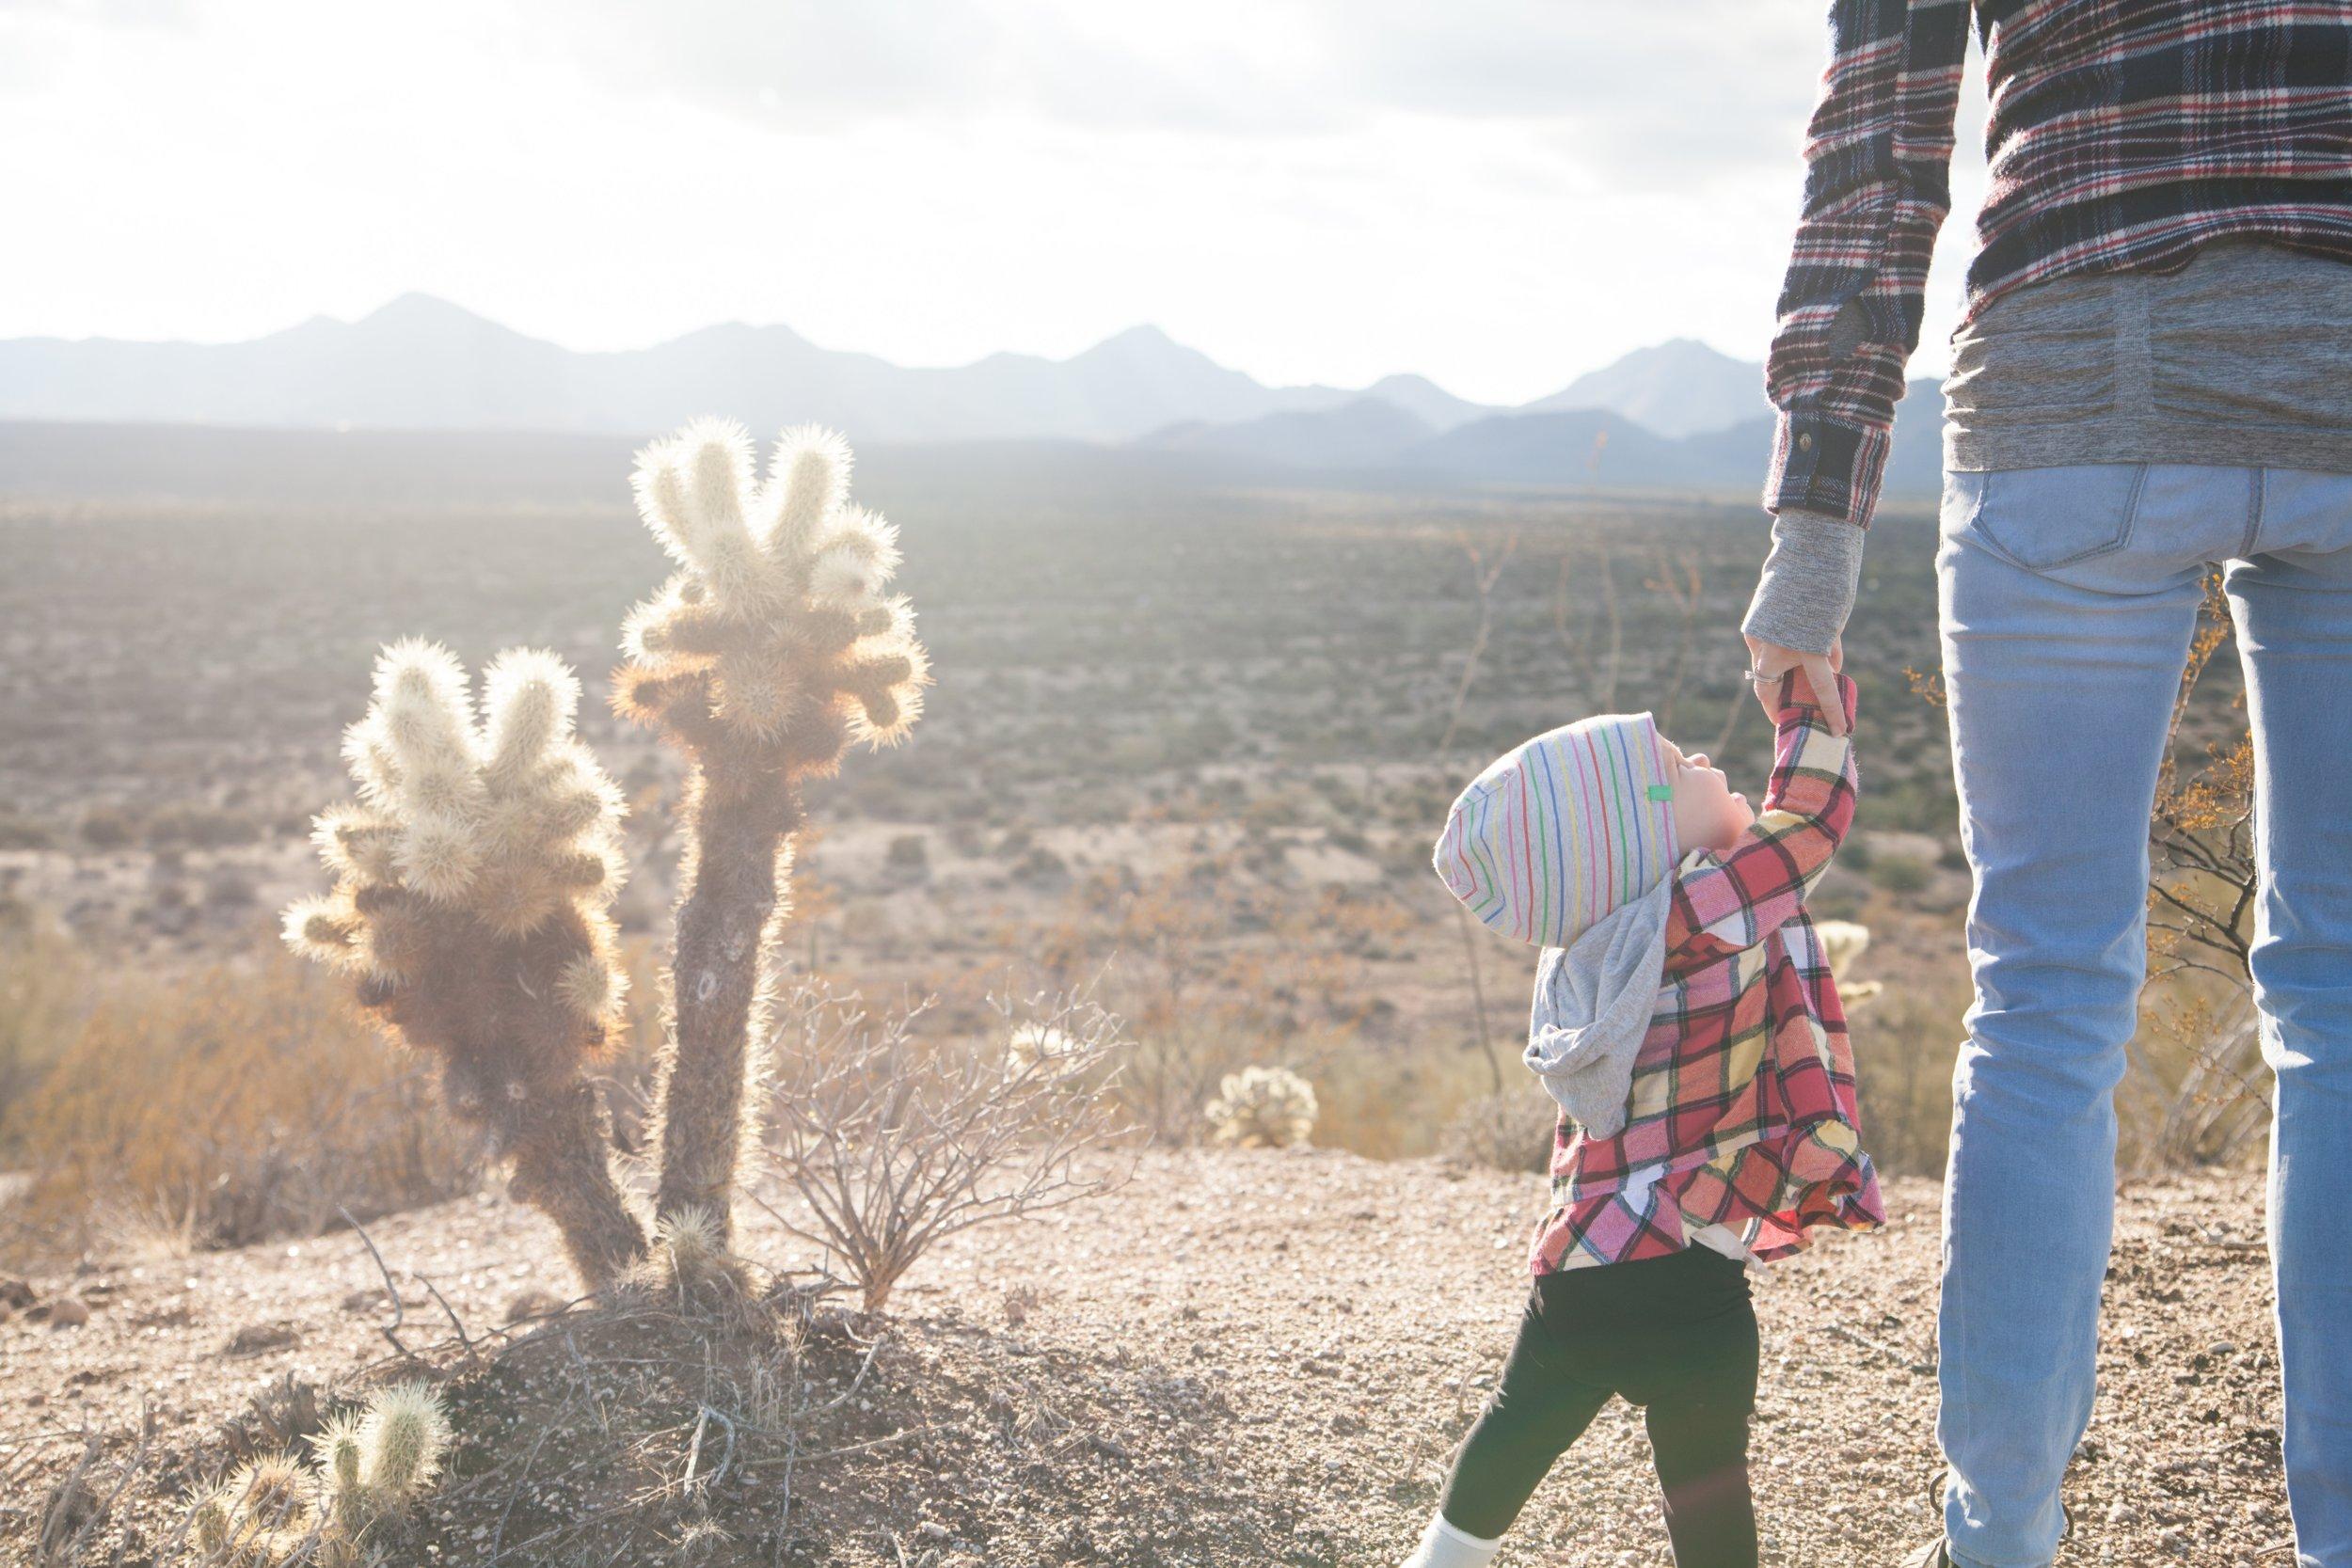 baby-cactus-child-69100.jpg